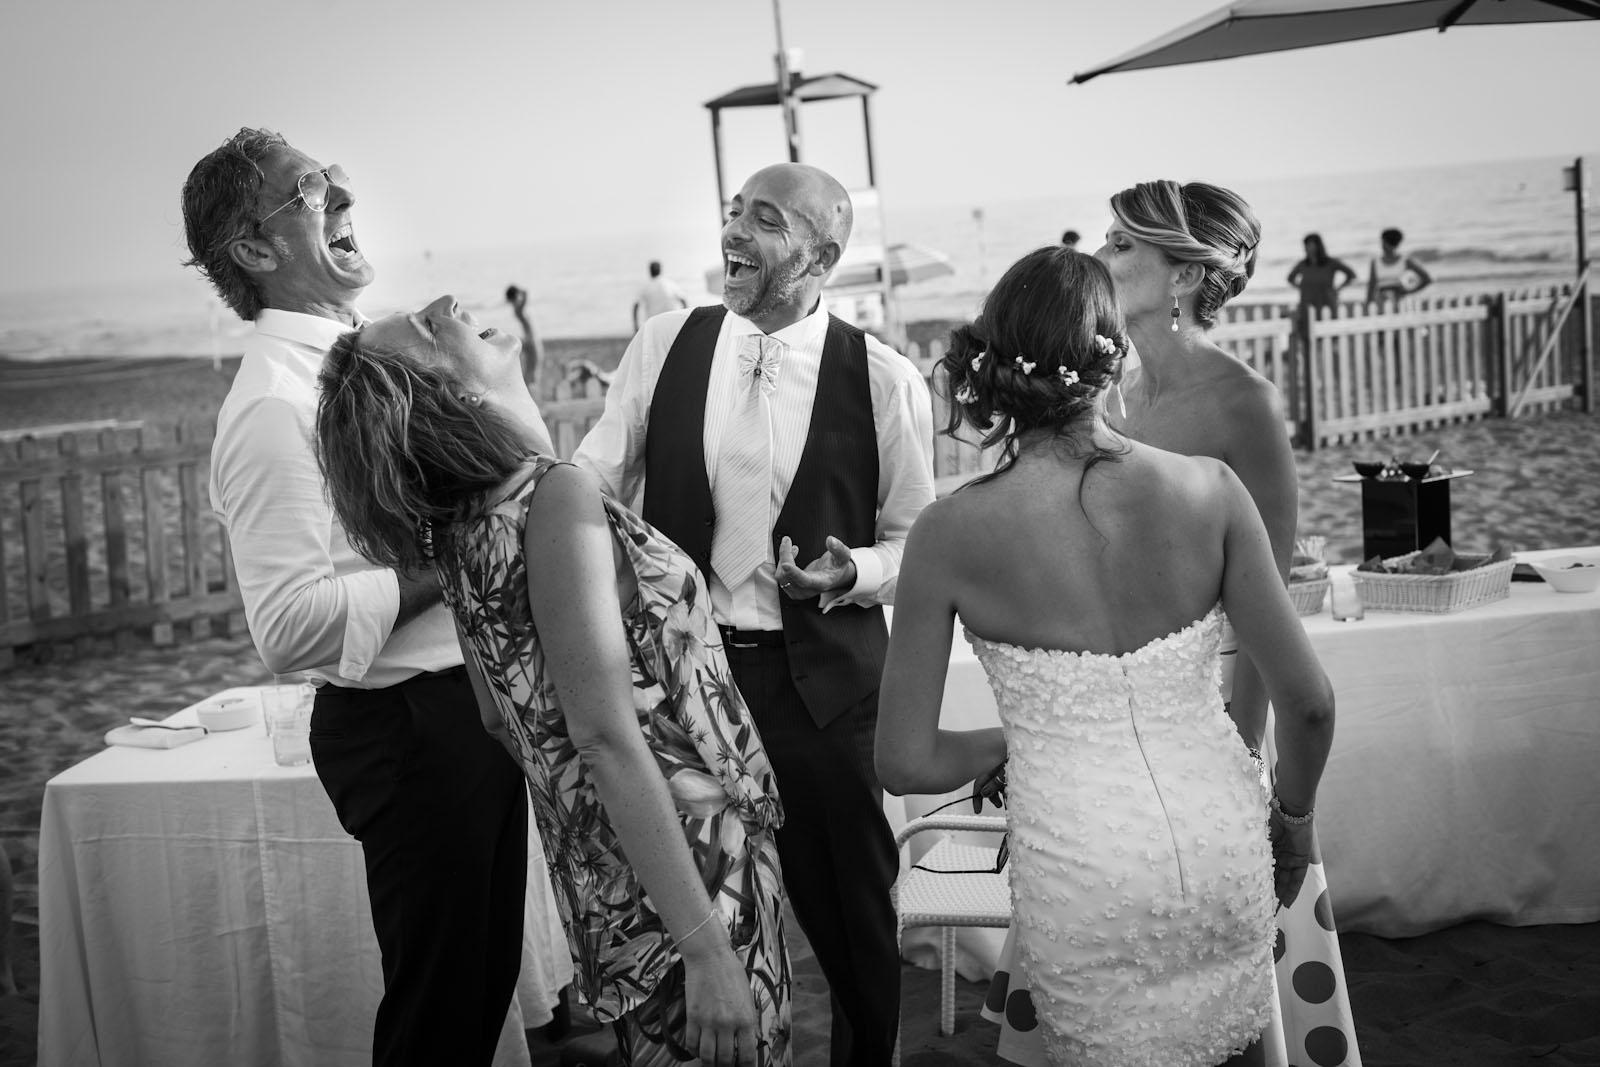 Matrimonio In Spiaggia Rimini : Cinque idee per allestire un matrimonio in spiaggia